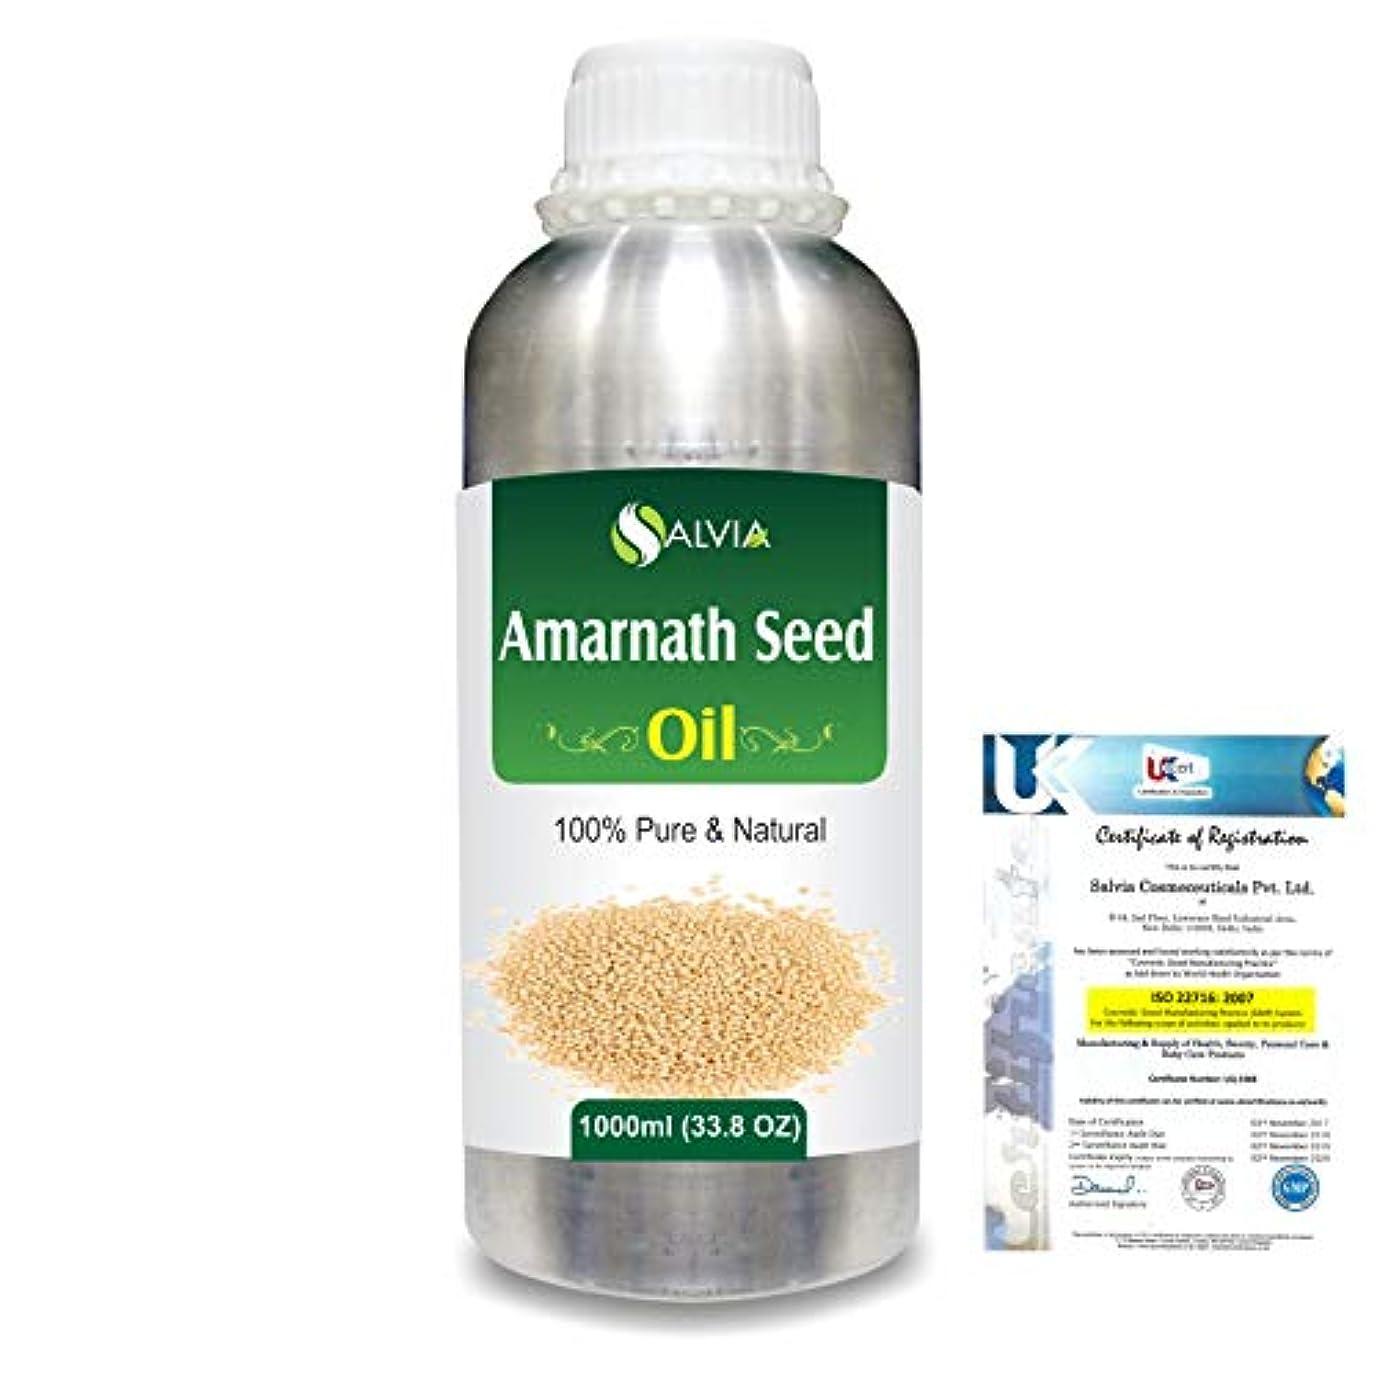 戸惑う影響力のある靴下Amaranth Seed (Amaranthus caudatus)100% Natural Pure Carrier Oil 1000ml/33.8fl.oz.